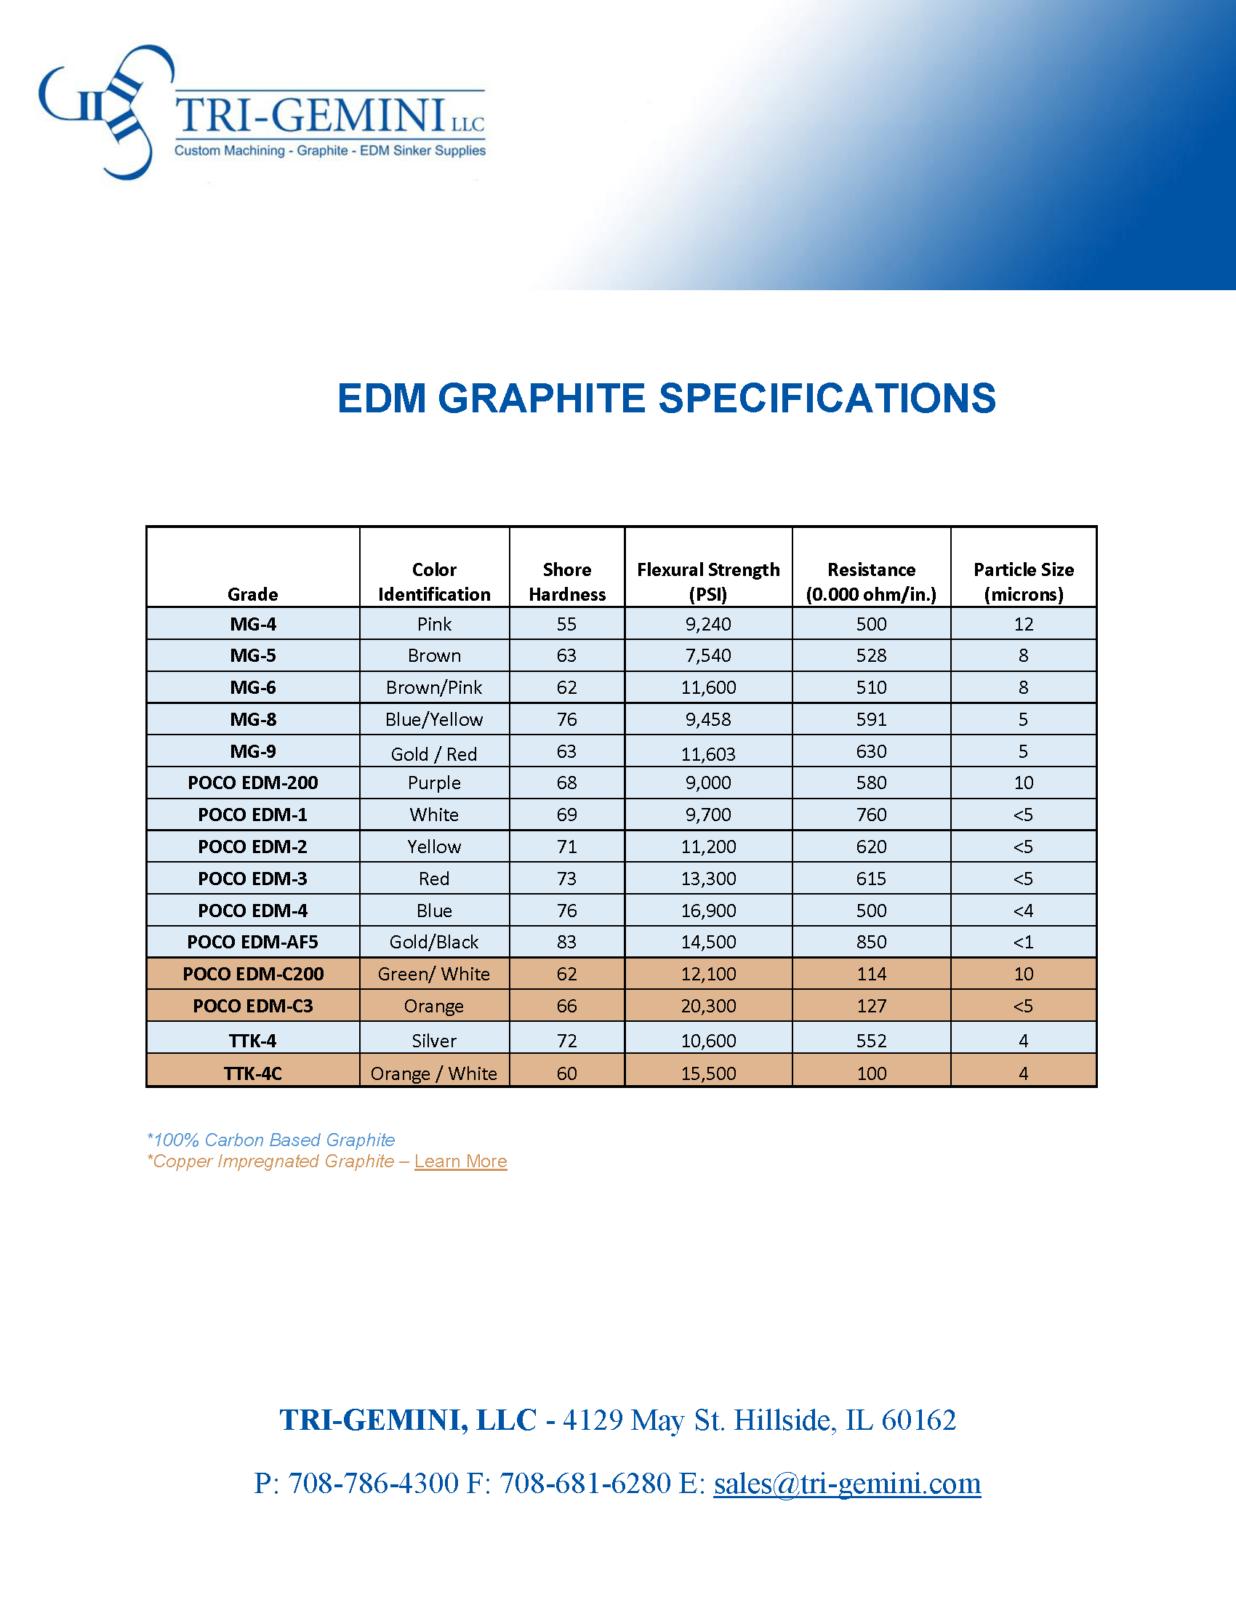 EDM Graphite MG4, MG5, MG6, MG8, MG9 POCO EDM-200, EDM-1, EDM-2, EDM-3, AF-5. POCO EDM-C200, EDM-C3, TTK-4, TTK-4C